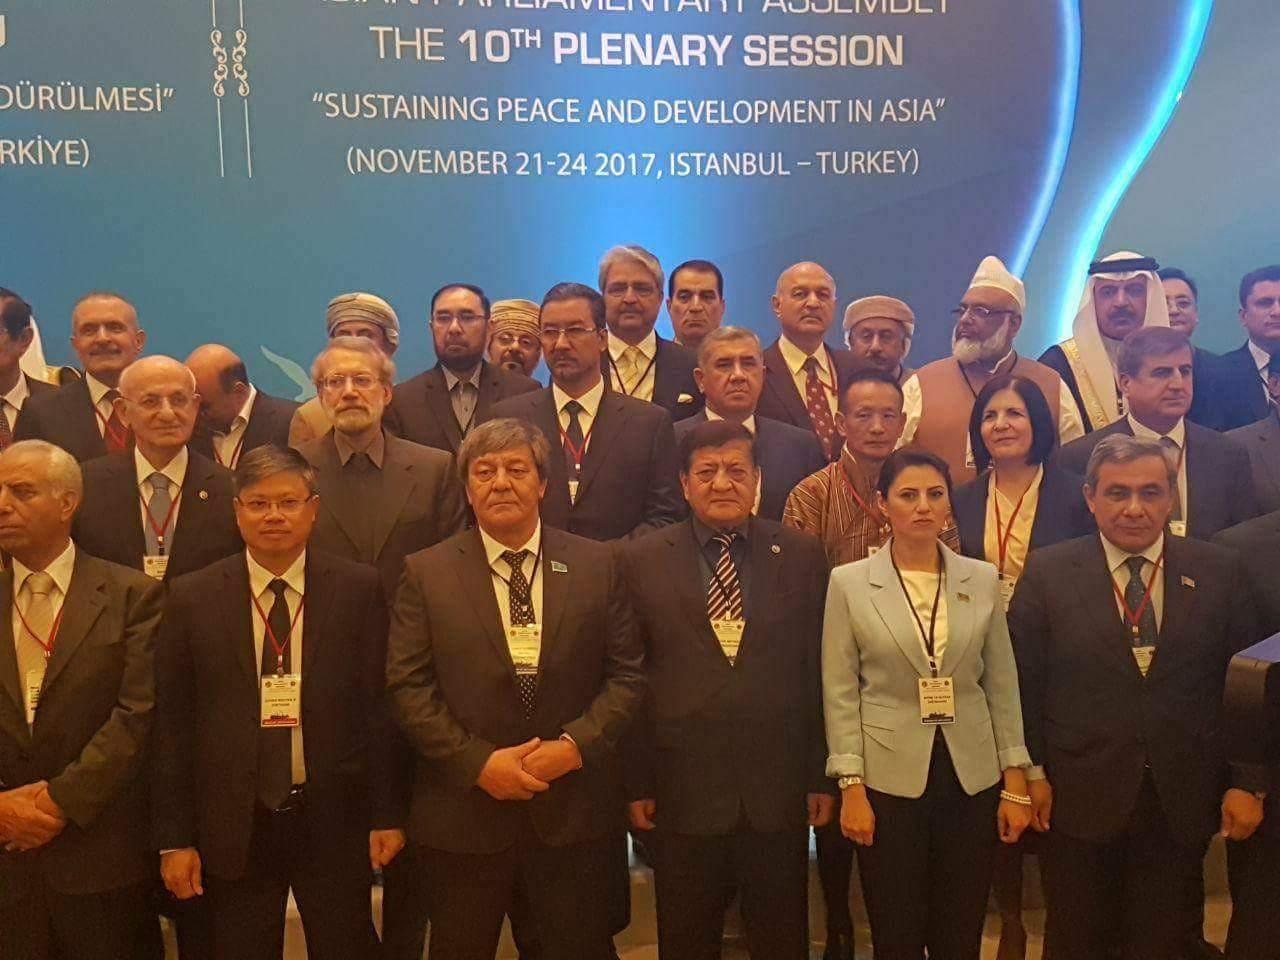 İstanbulda Türkiyə Böyük Millət Məclisinin (TBMM) ev sahibliyi ilə Asiya Parlament Assambleyasının 10-cu plenar iclası keçirilib